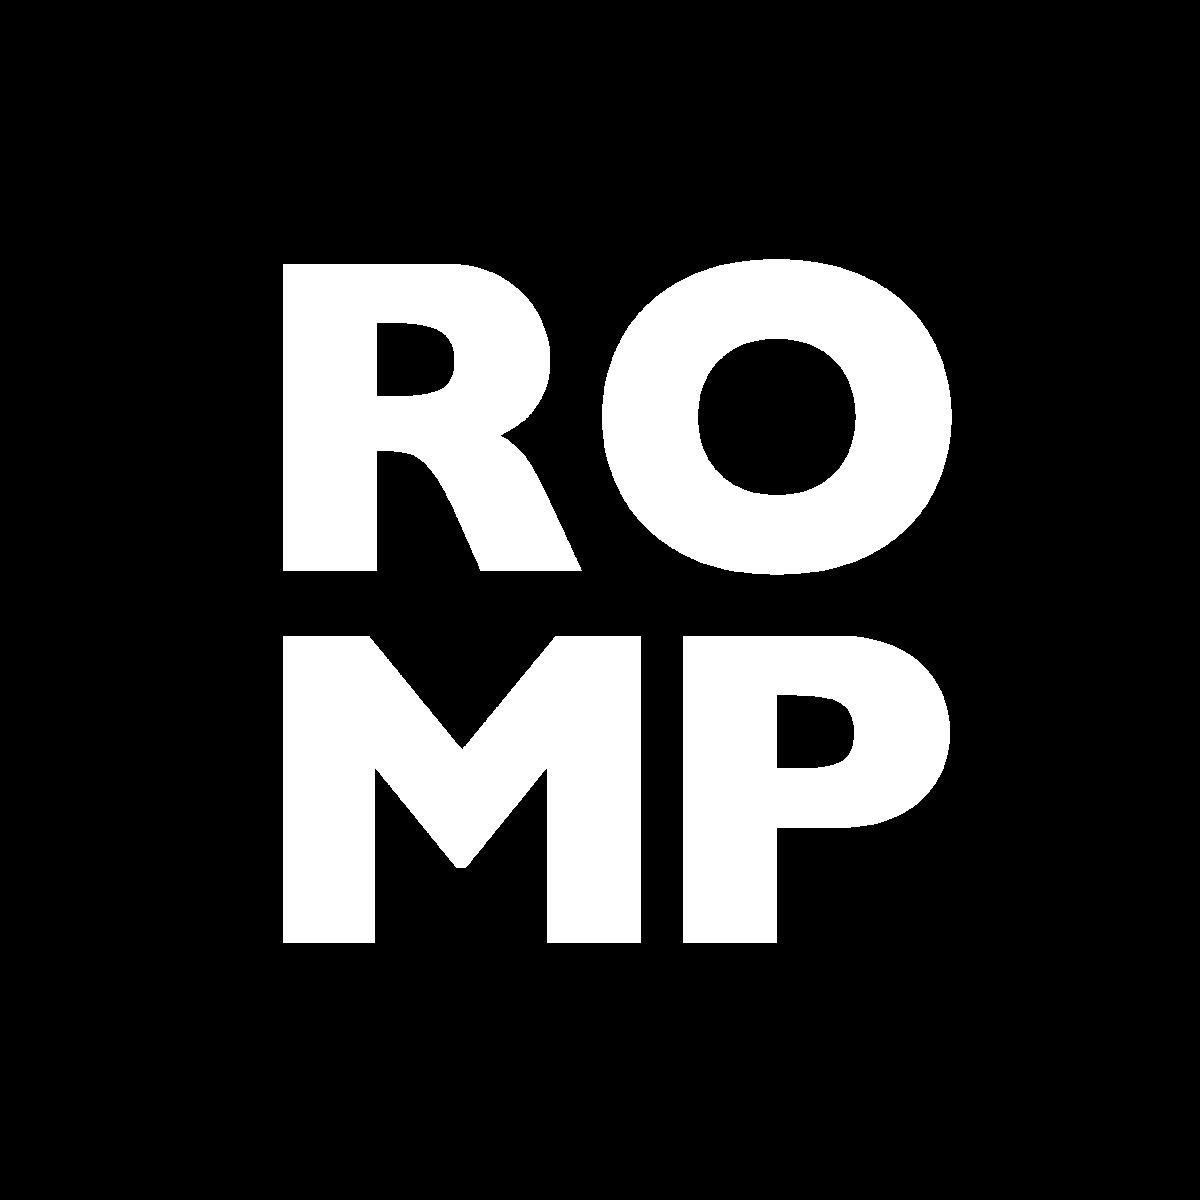 Romp Logo - Spectrum Boutique